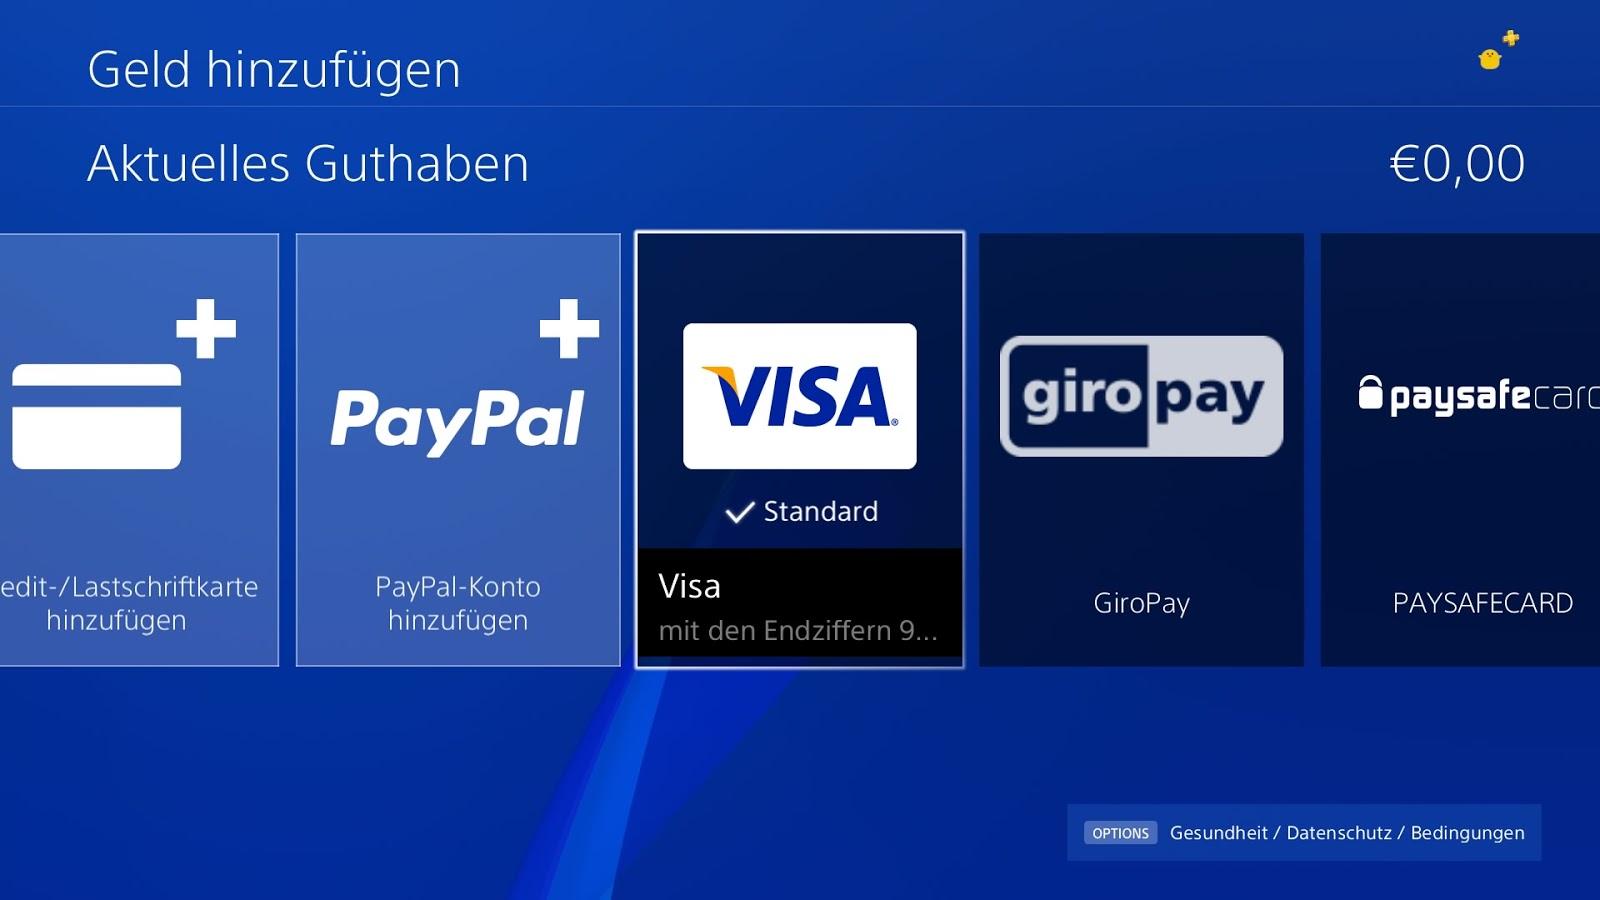 Paypal Ohne Guthaben Bezahlen